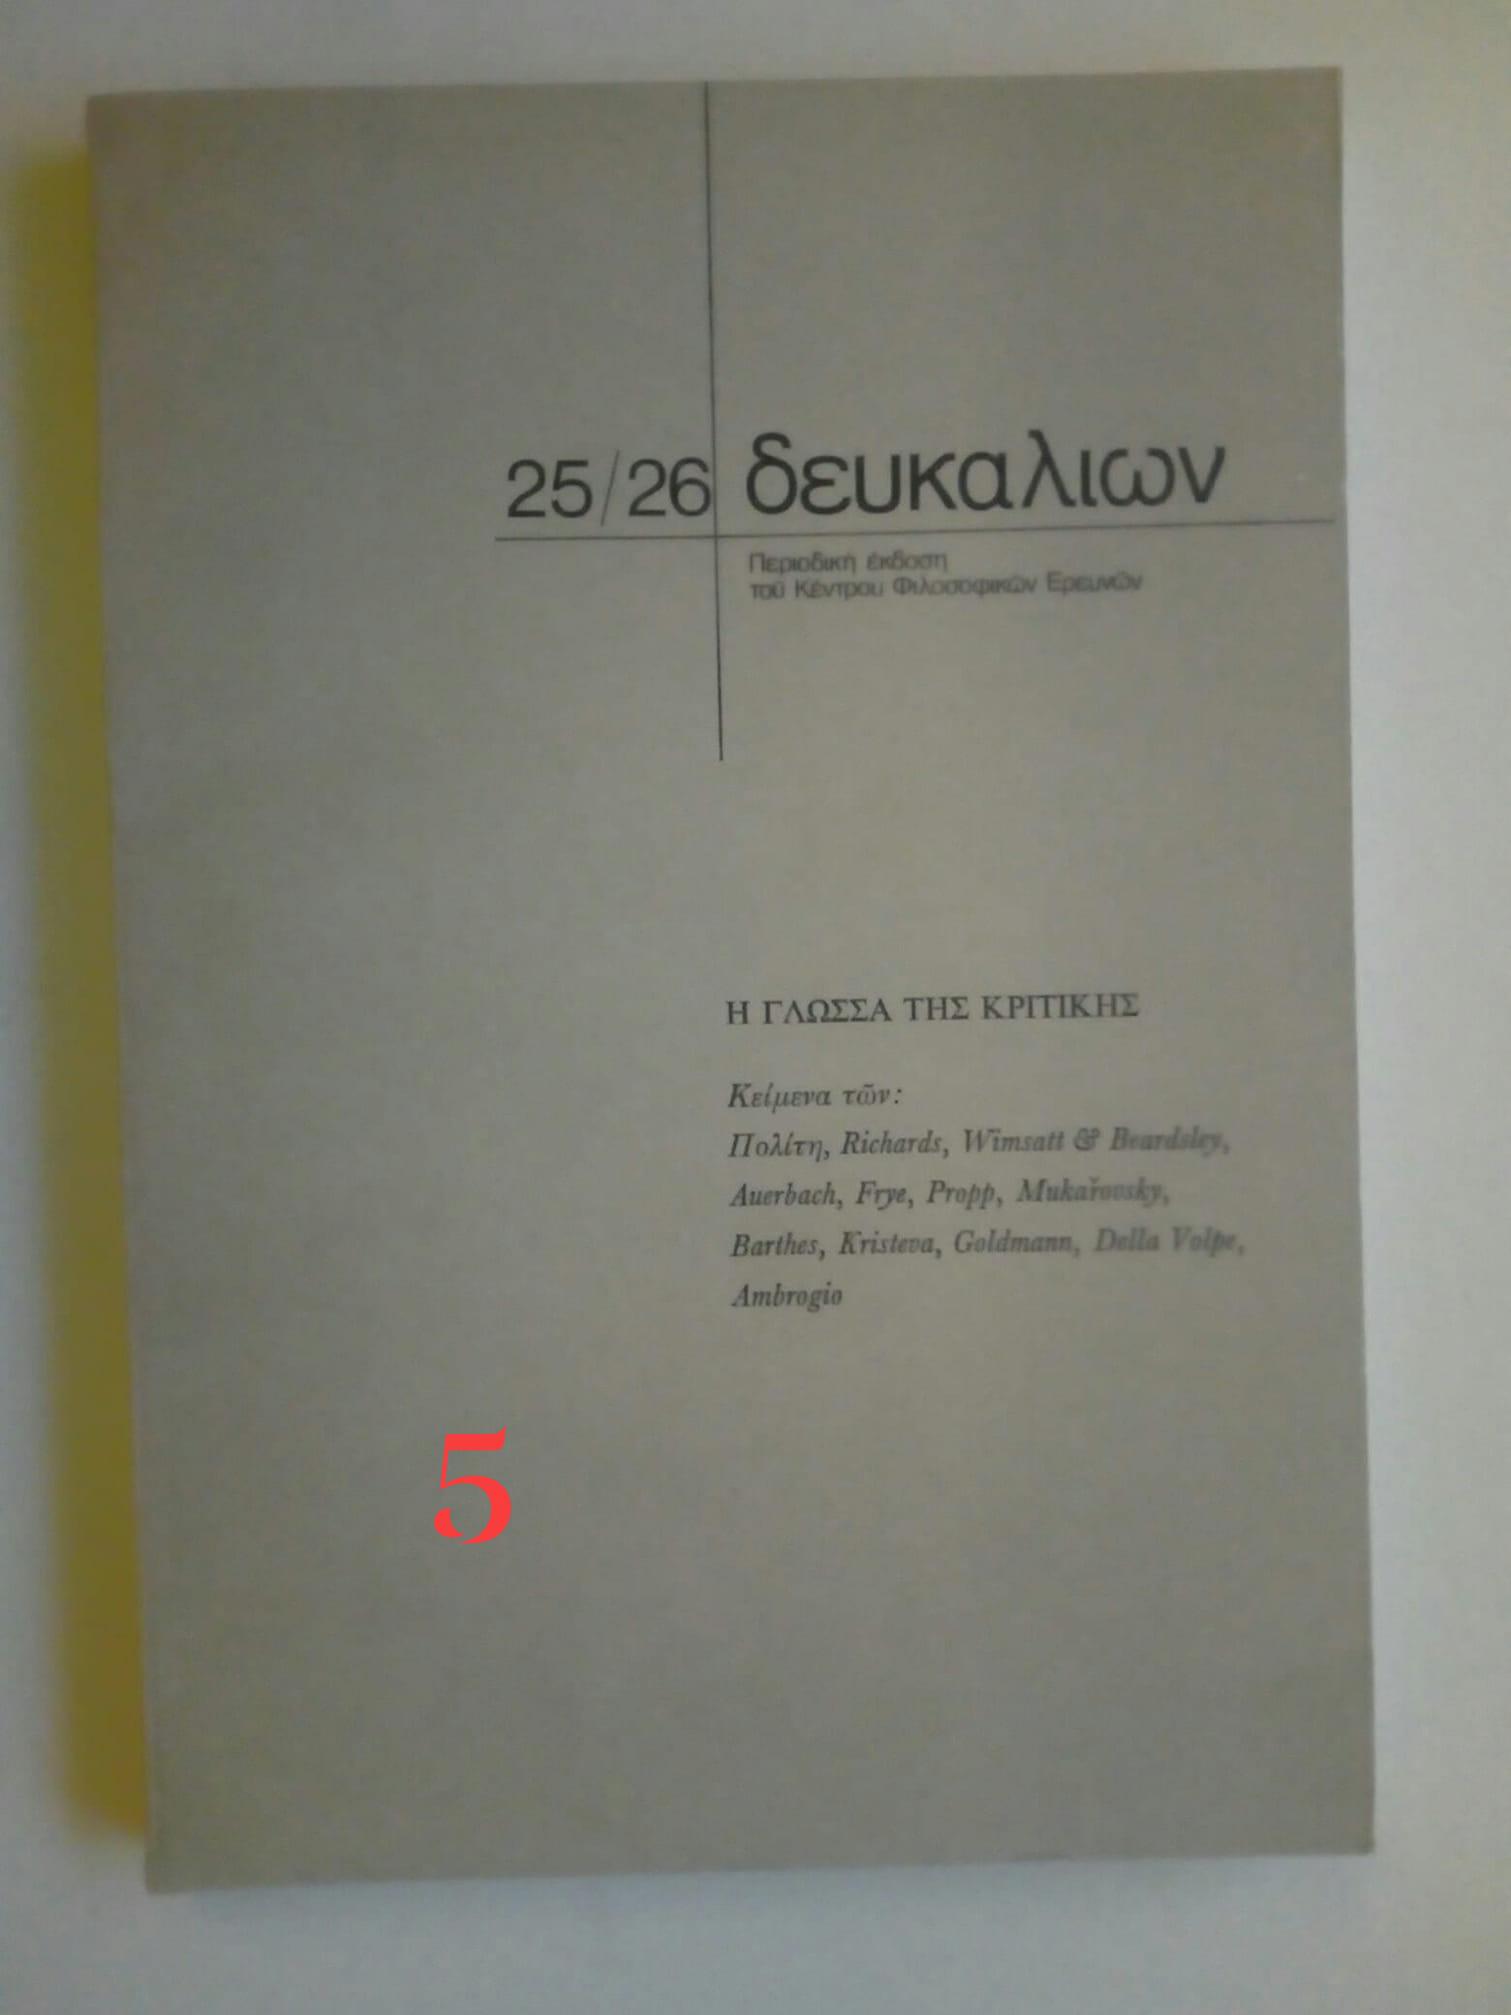 Δευκαλίων 25/26 Ιούνιος 1979